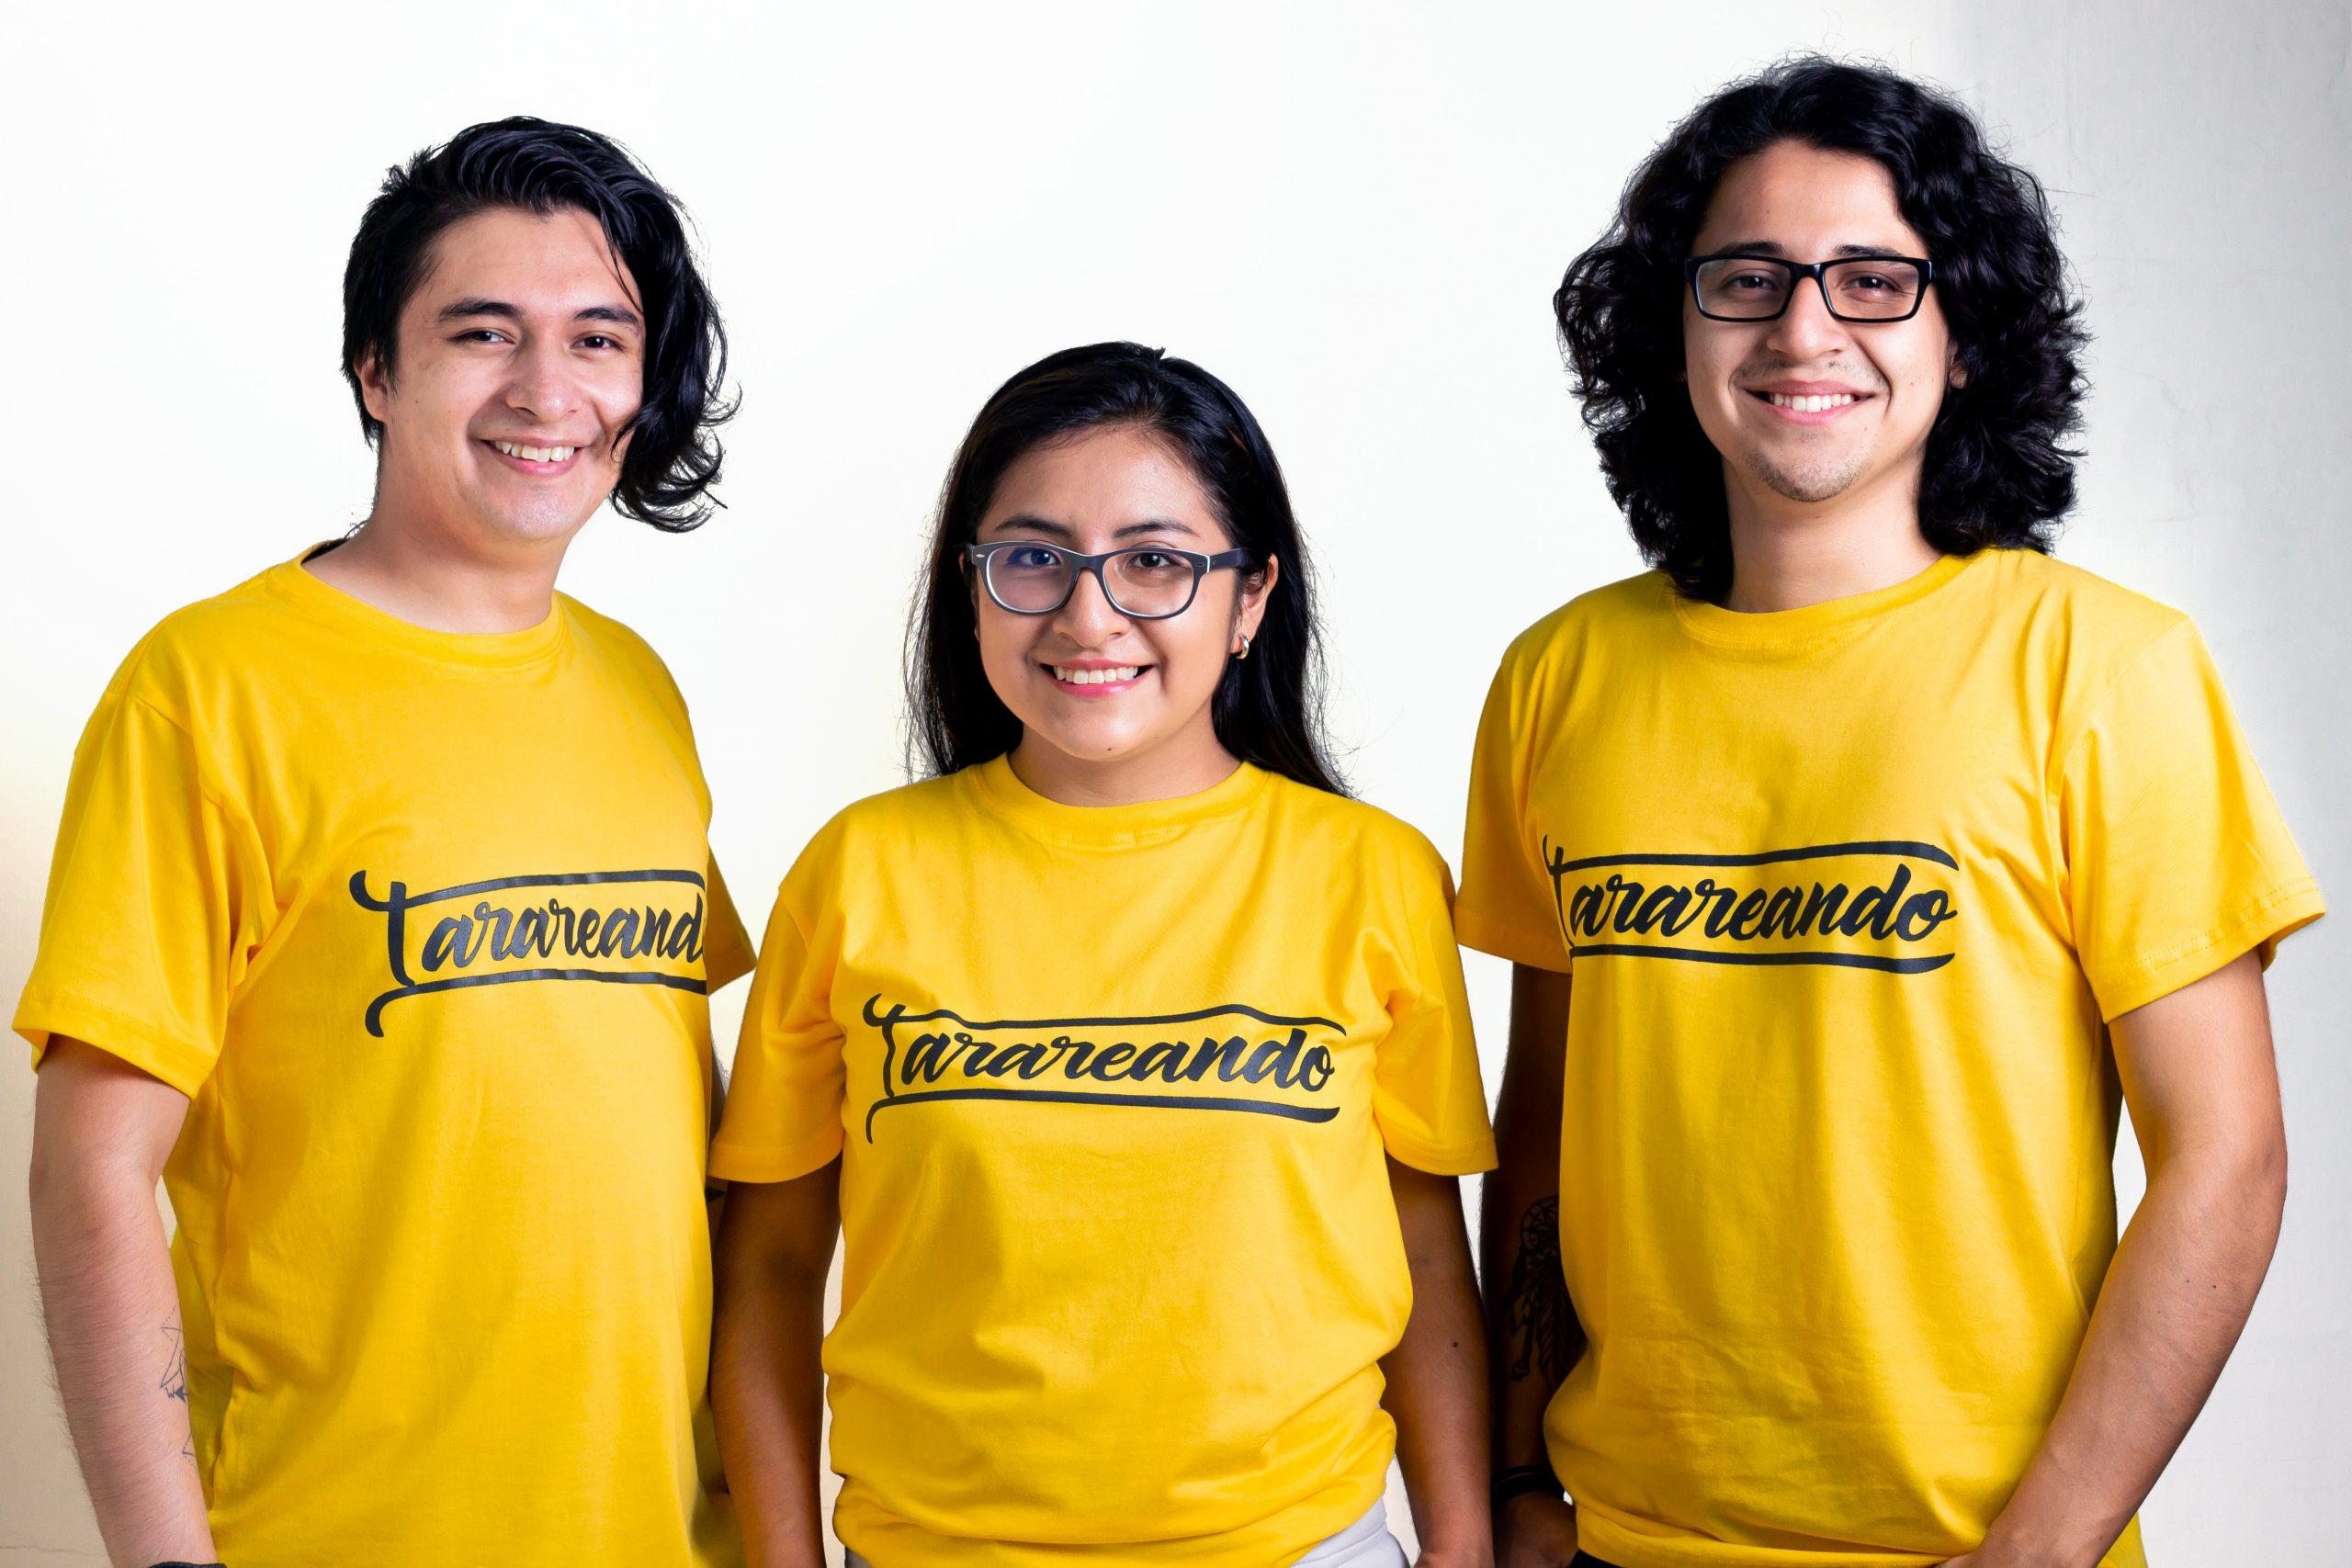 El equipo de Tarareando.